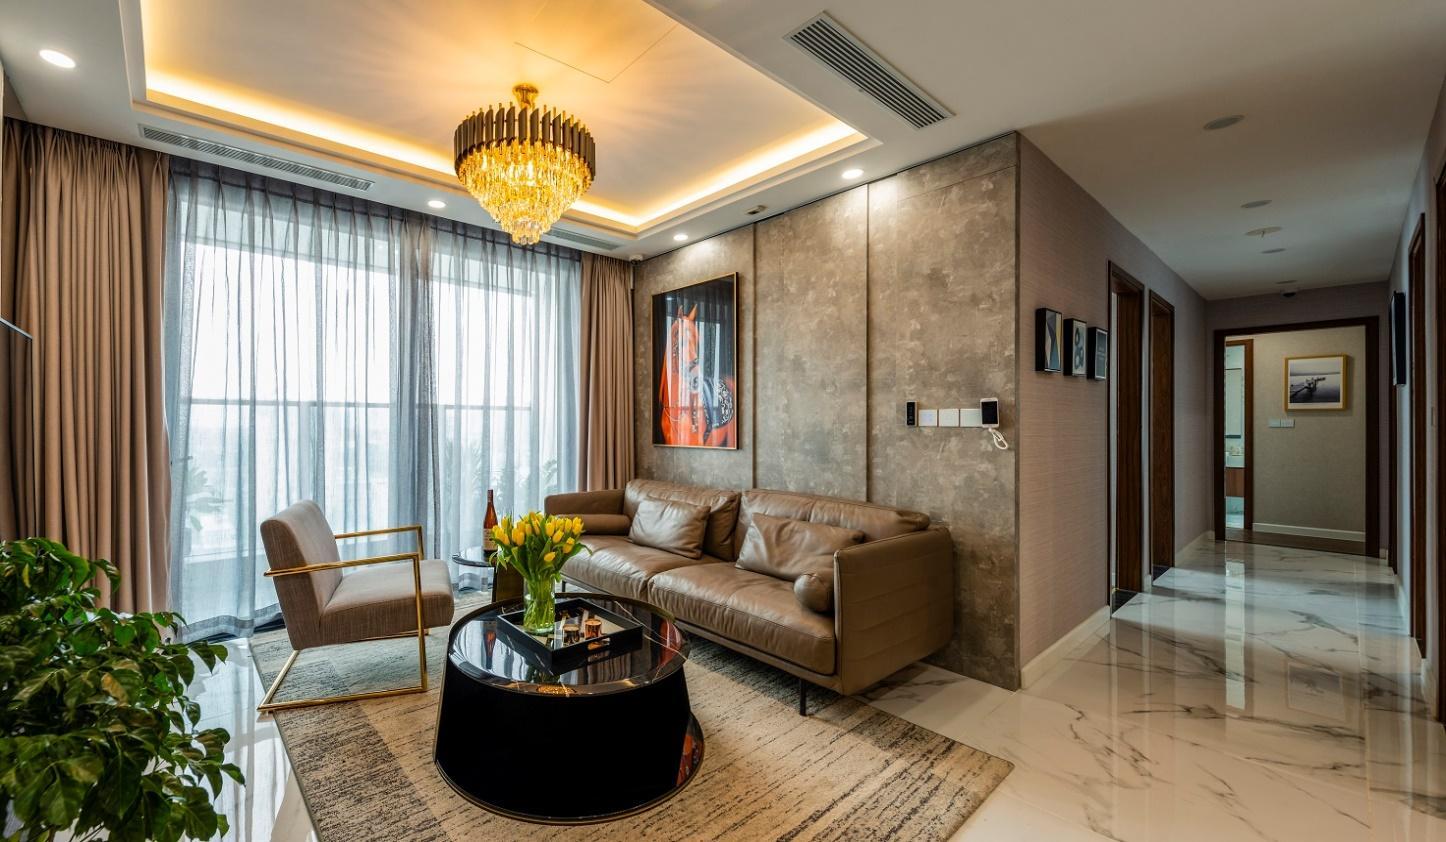 Sở hữu căn hộ resort tại trung tâm quận 7 chỉ từ 400 triệu đồng 1